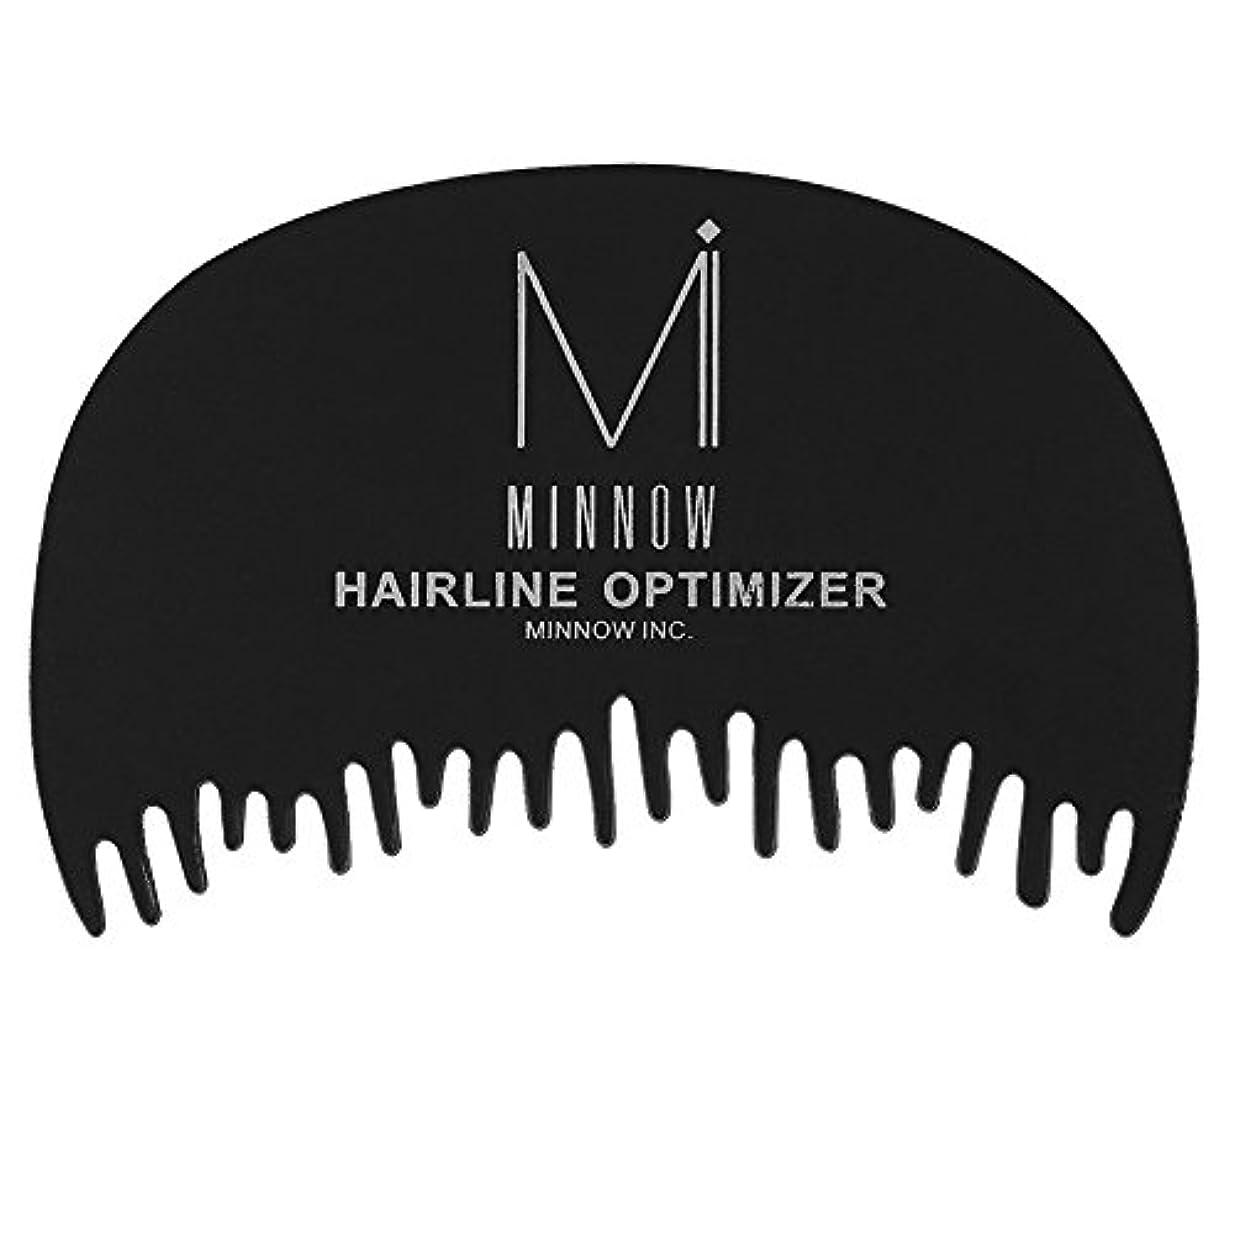 クールヘルパー哲学的ヘアラインコーム、ヘアドレッサー細い毛繊維の前髪ヘアラインオプティマイザーフィルムプラスチック専用コーム、プロフェッショナルビューティーサロン製品アクセサリー